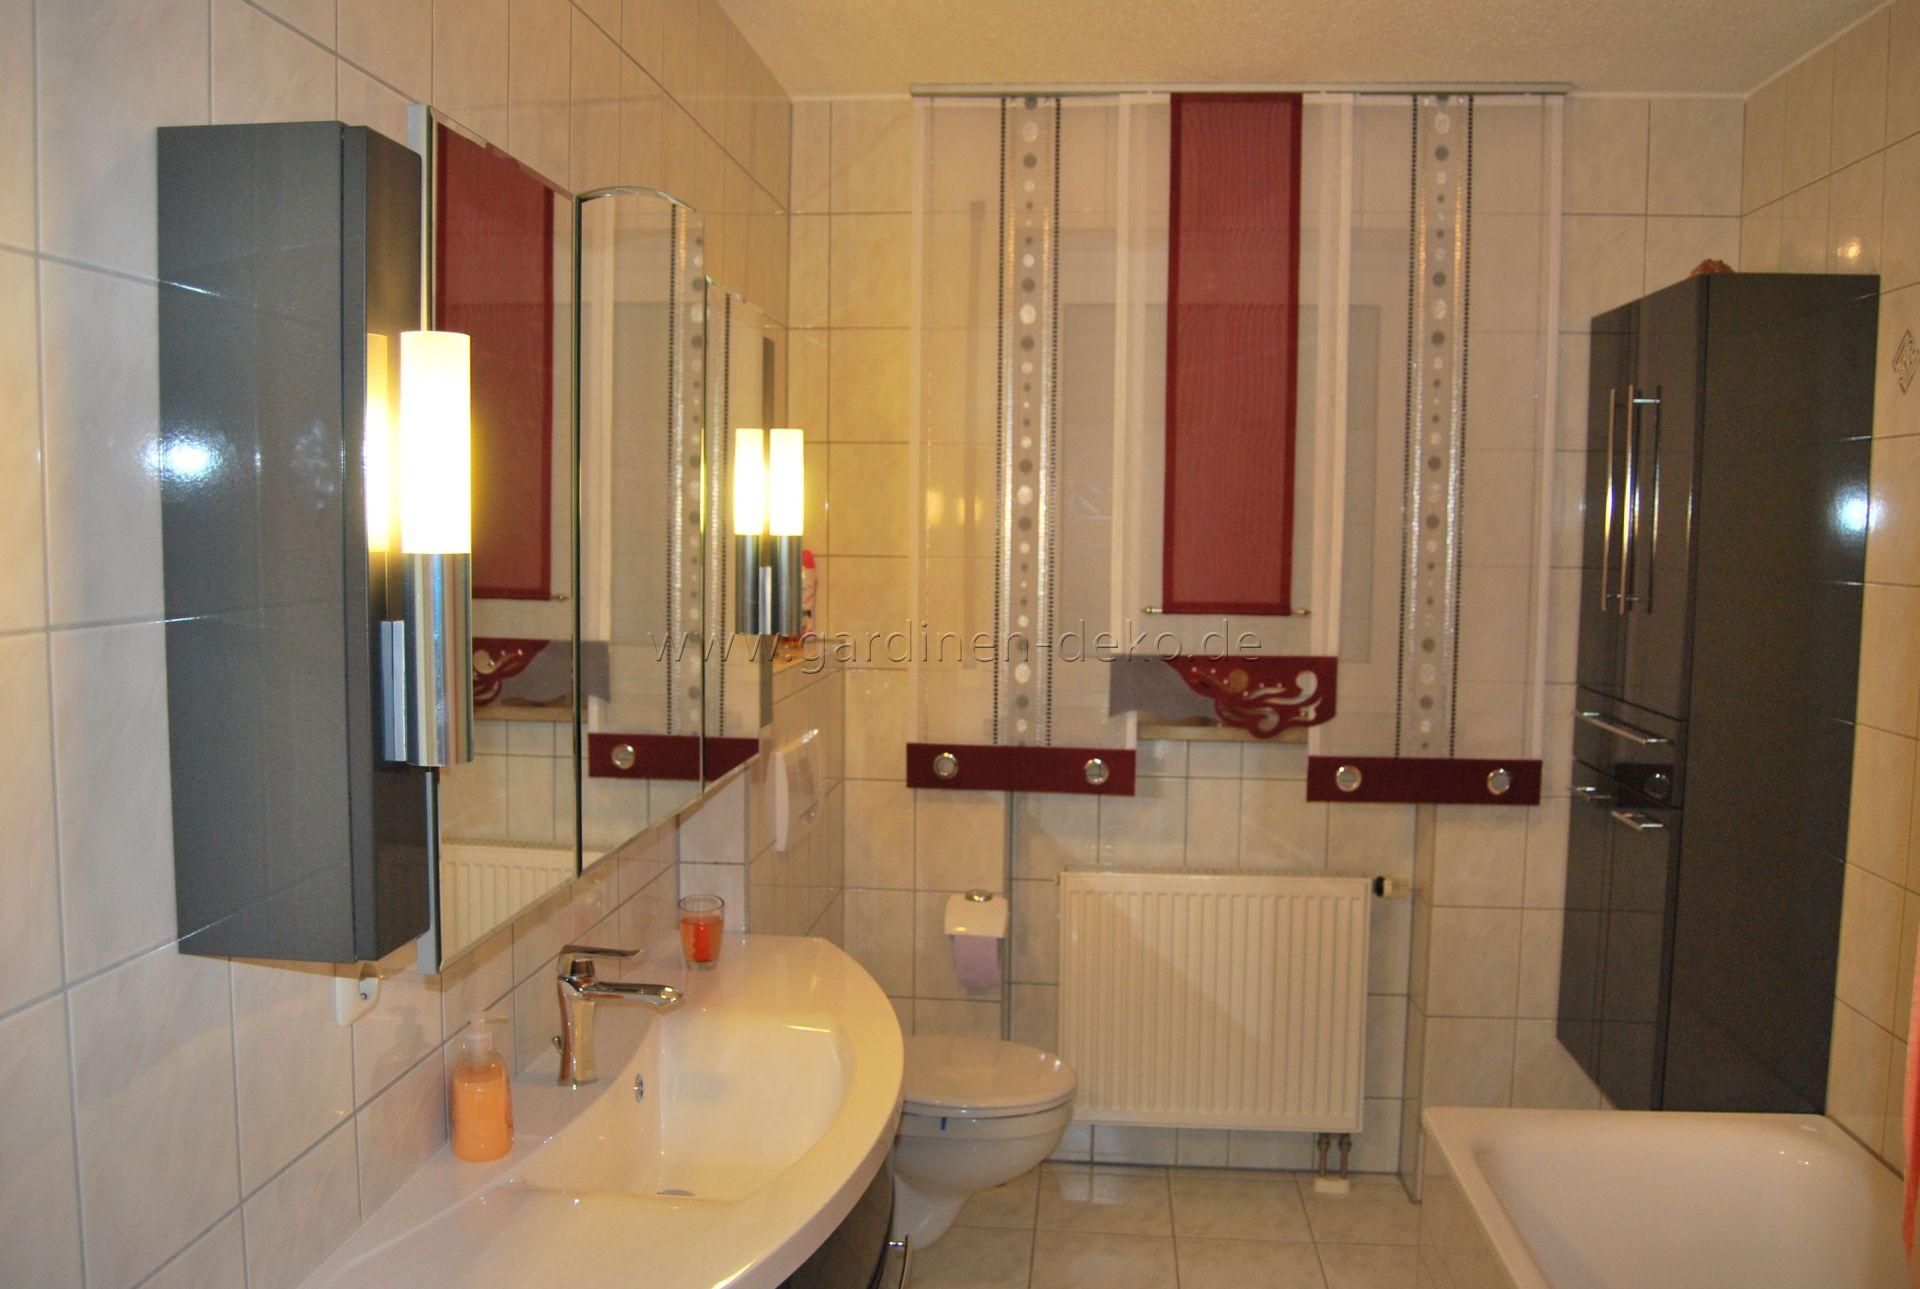 Moderne Gardinen Für Badezimmer Gardinen Modern Gardinen Badezimmer Badezimmer